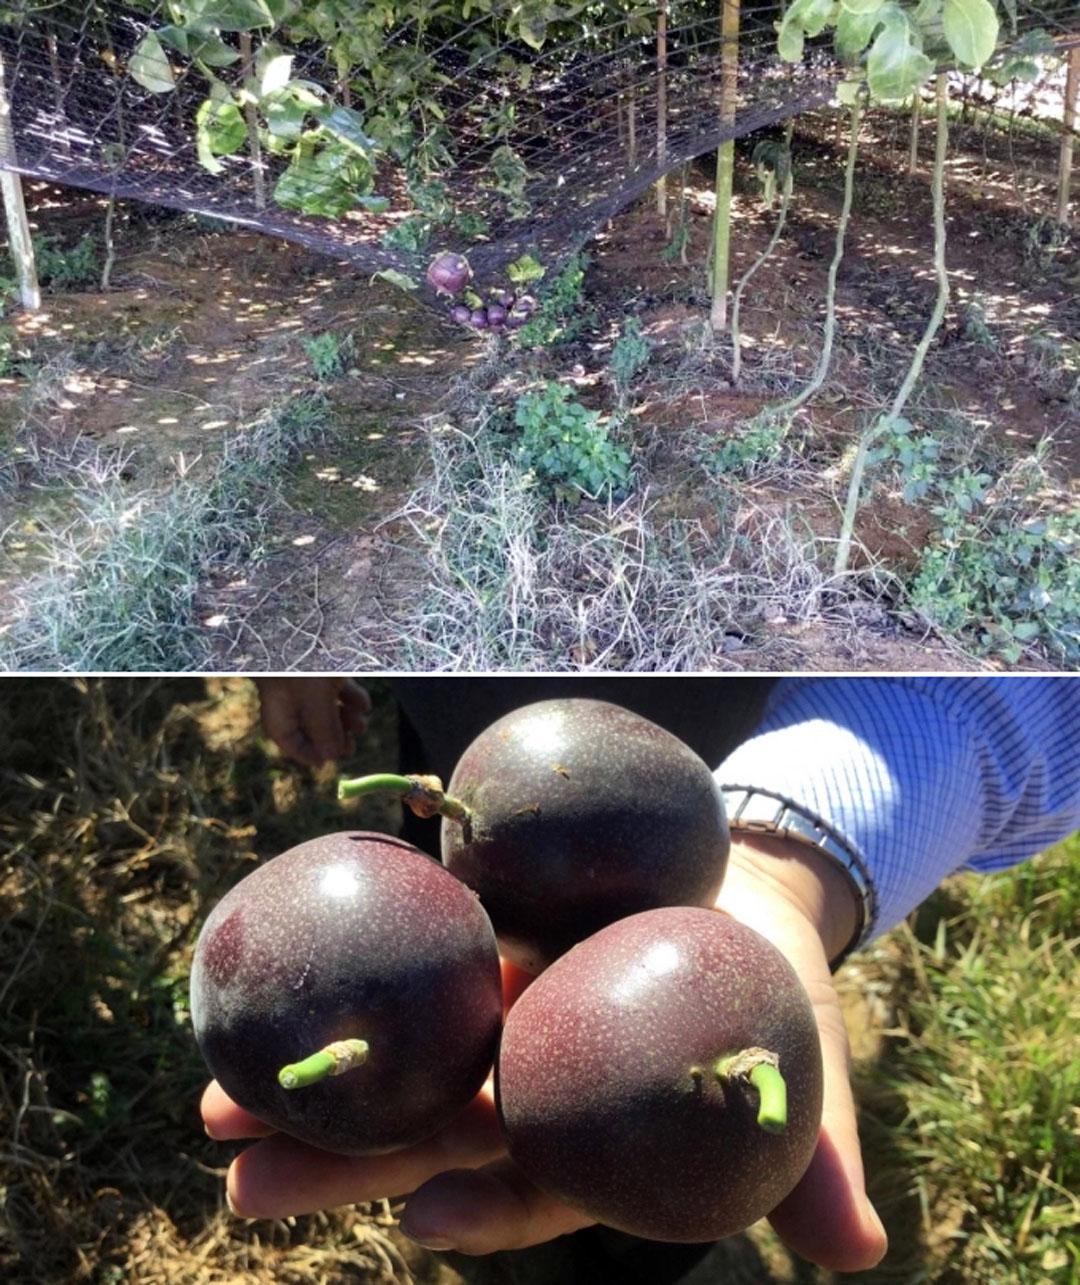 Quả chanh dây ở Đài Loan để chín cây tự rụng xuống lưới, đảm bảo chất lượng tốt nhất. Ảnh: Nguyễn Minh Châu.